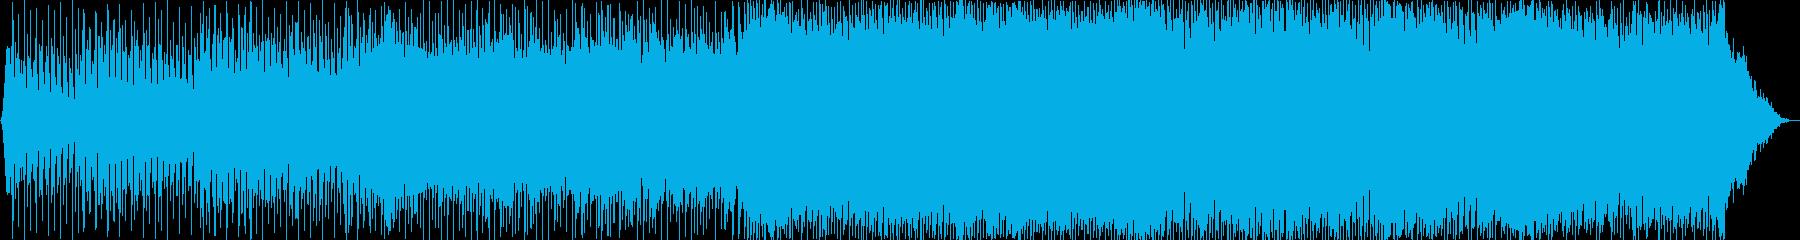 切なくメロウなノリノリのEDM曲の再生済みの波形